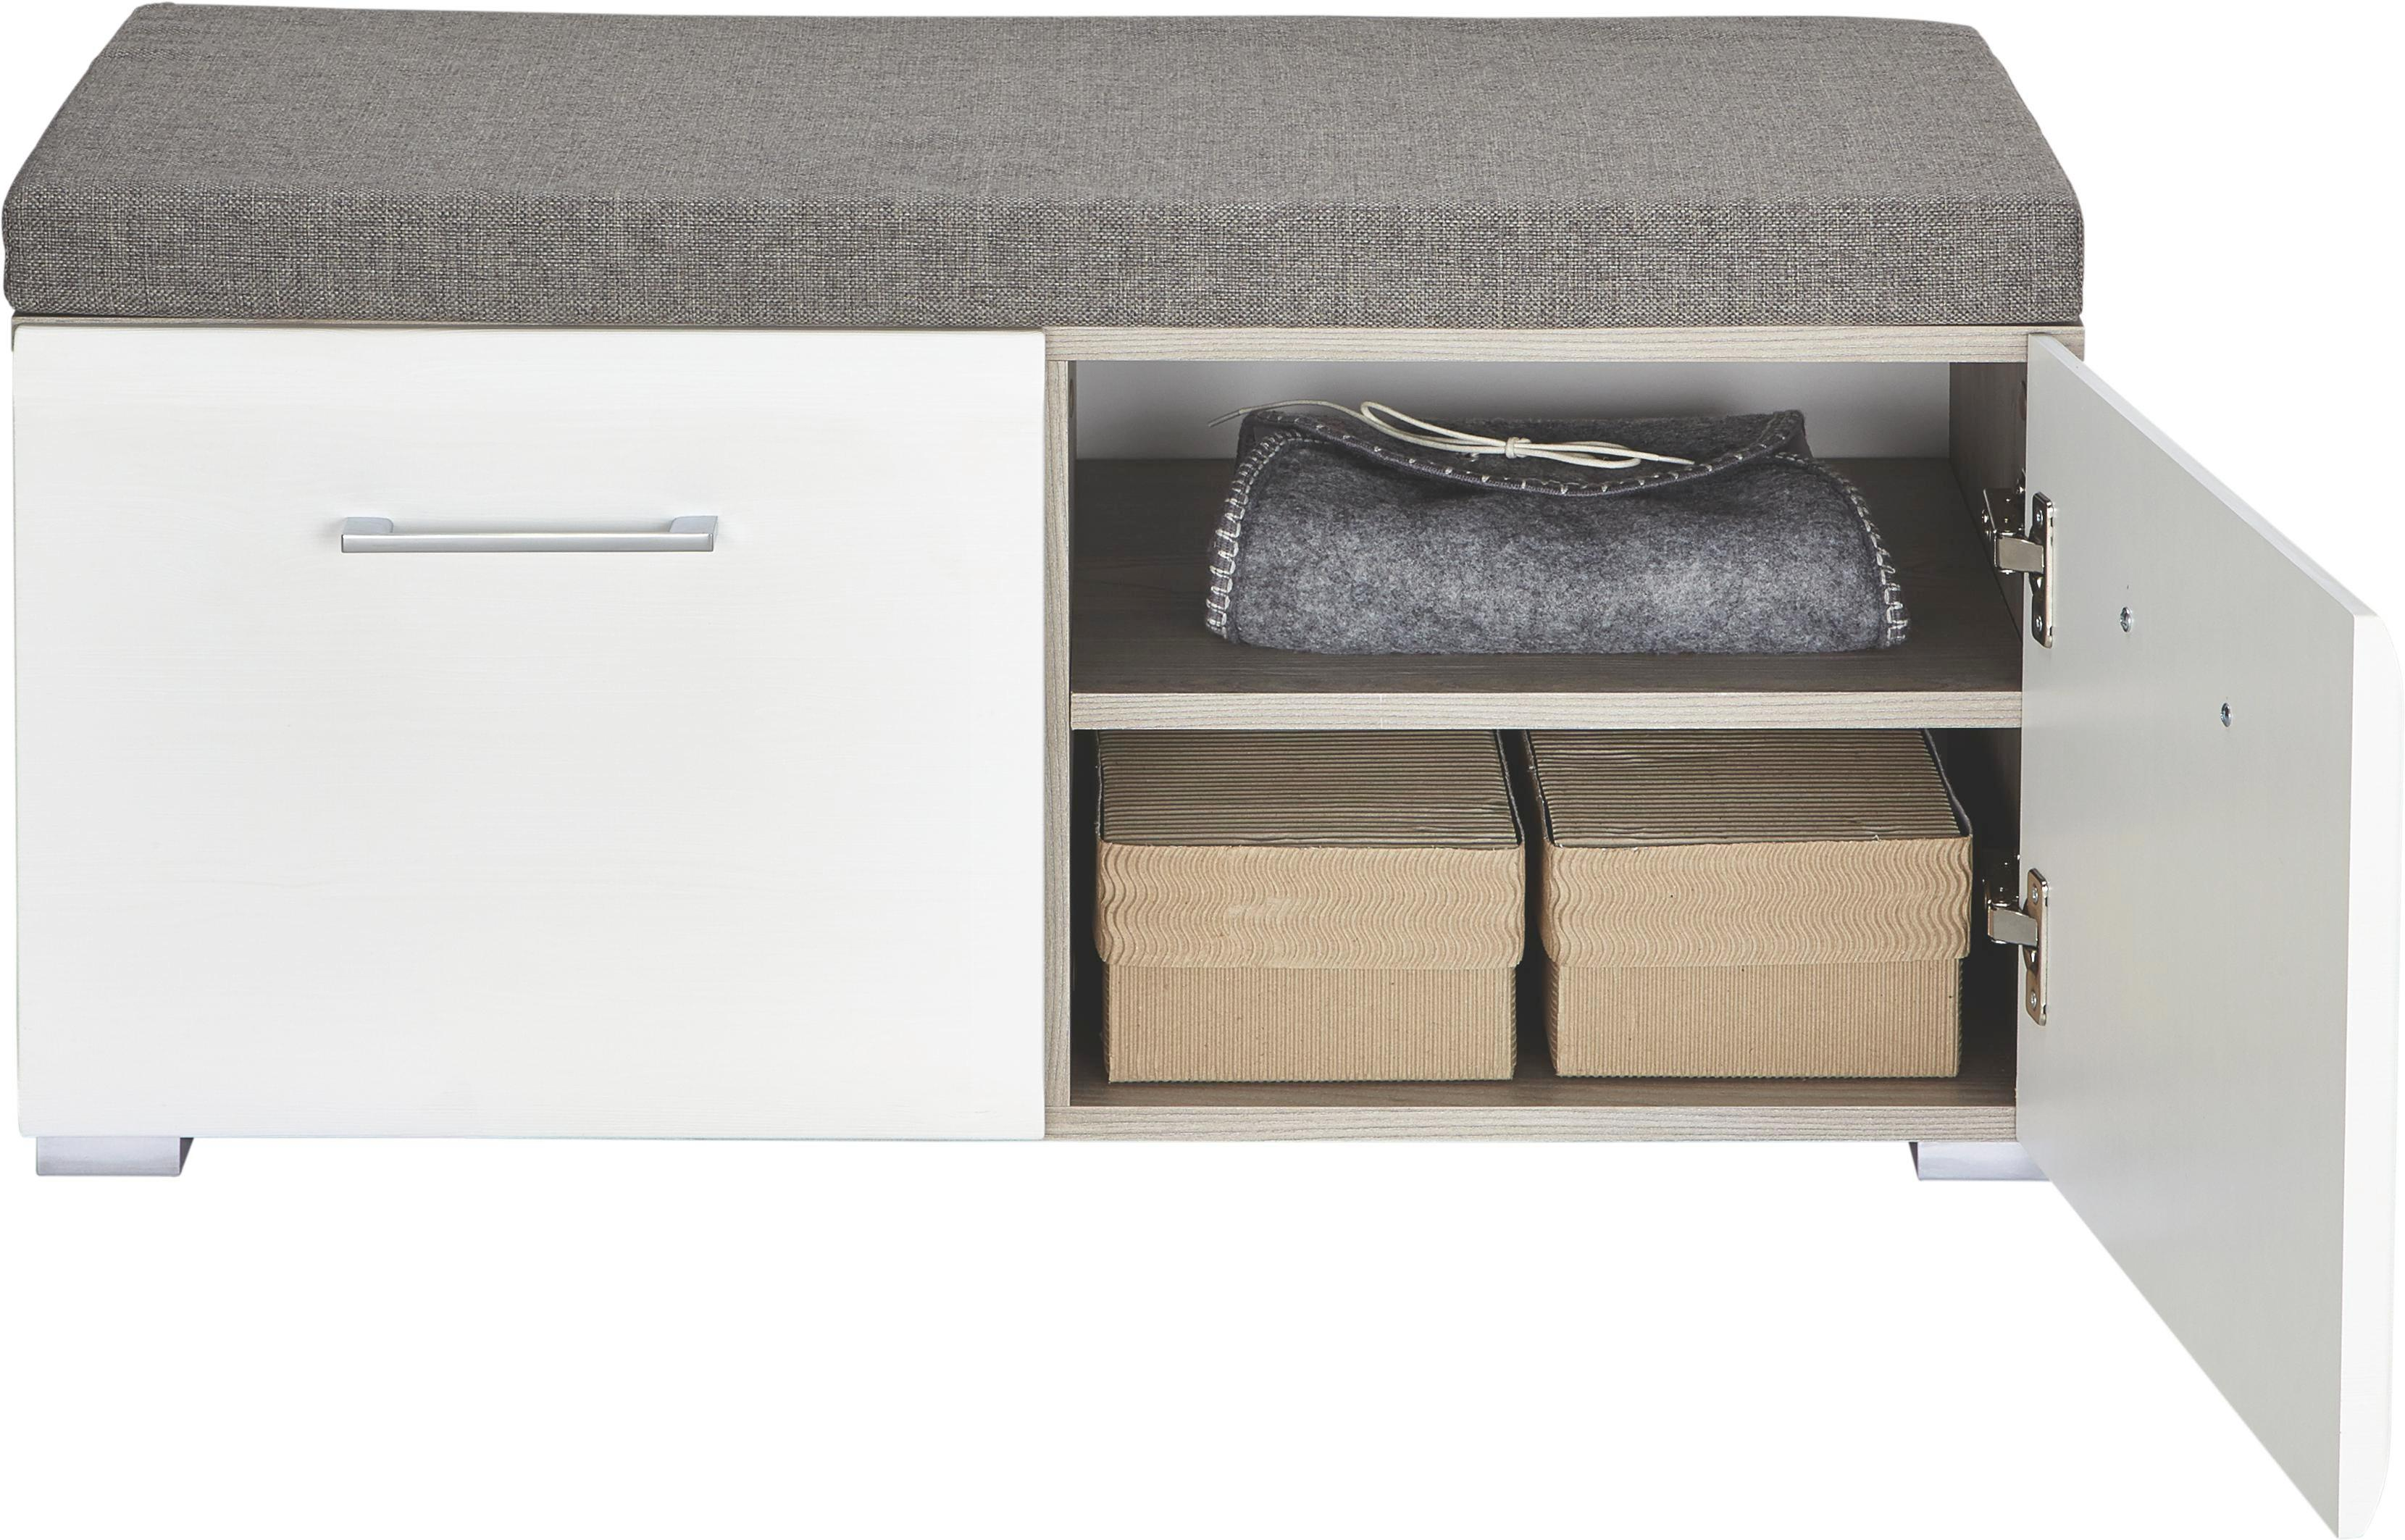 Garderobenbank in Silbereiche/Weiß - Chromfarben/Silberfarben, MODERN, Holz/Kunststoff (85/38/38cm) - PREMIUM LIVING